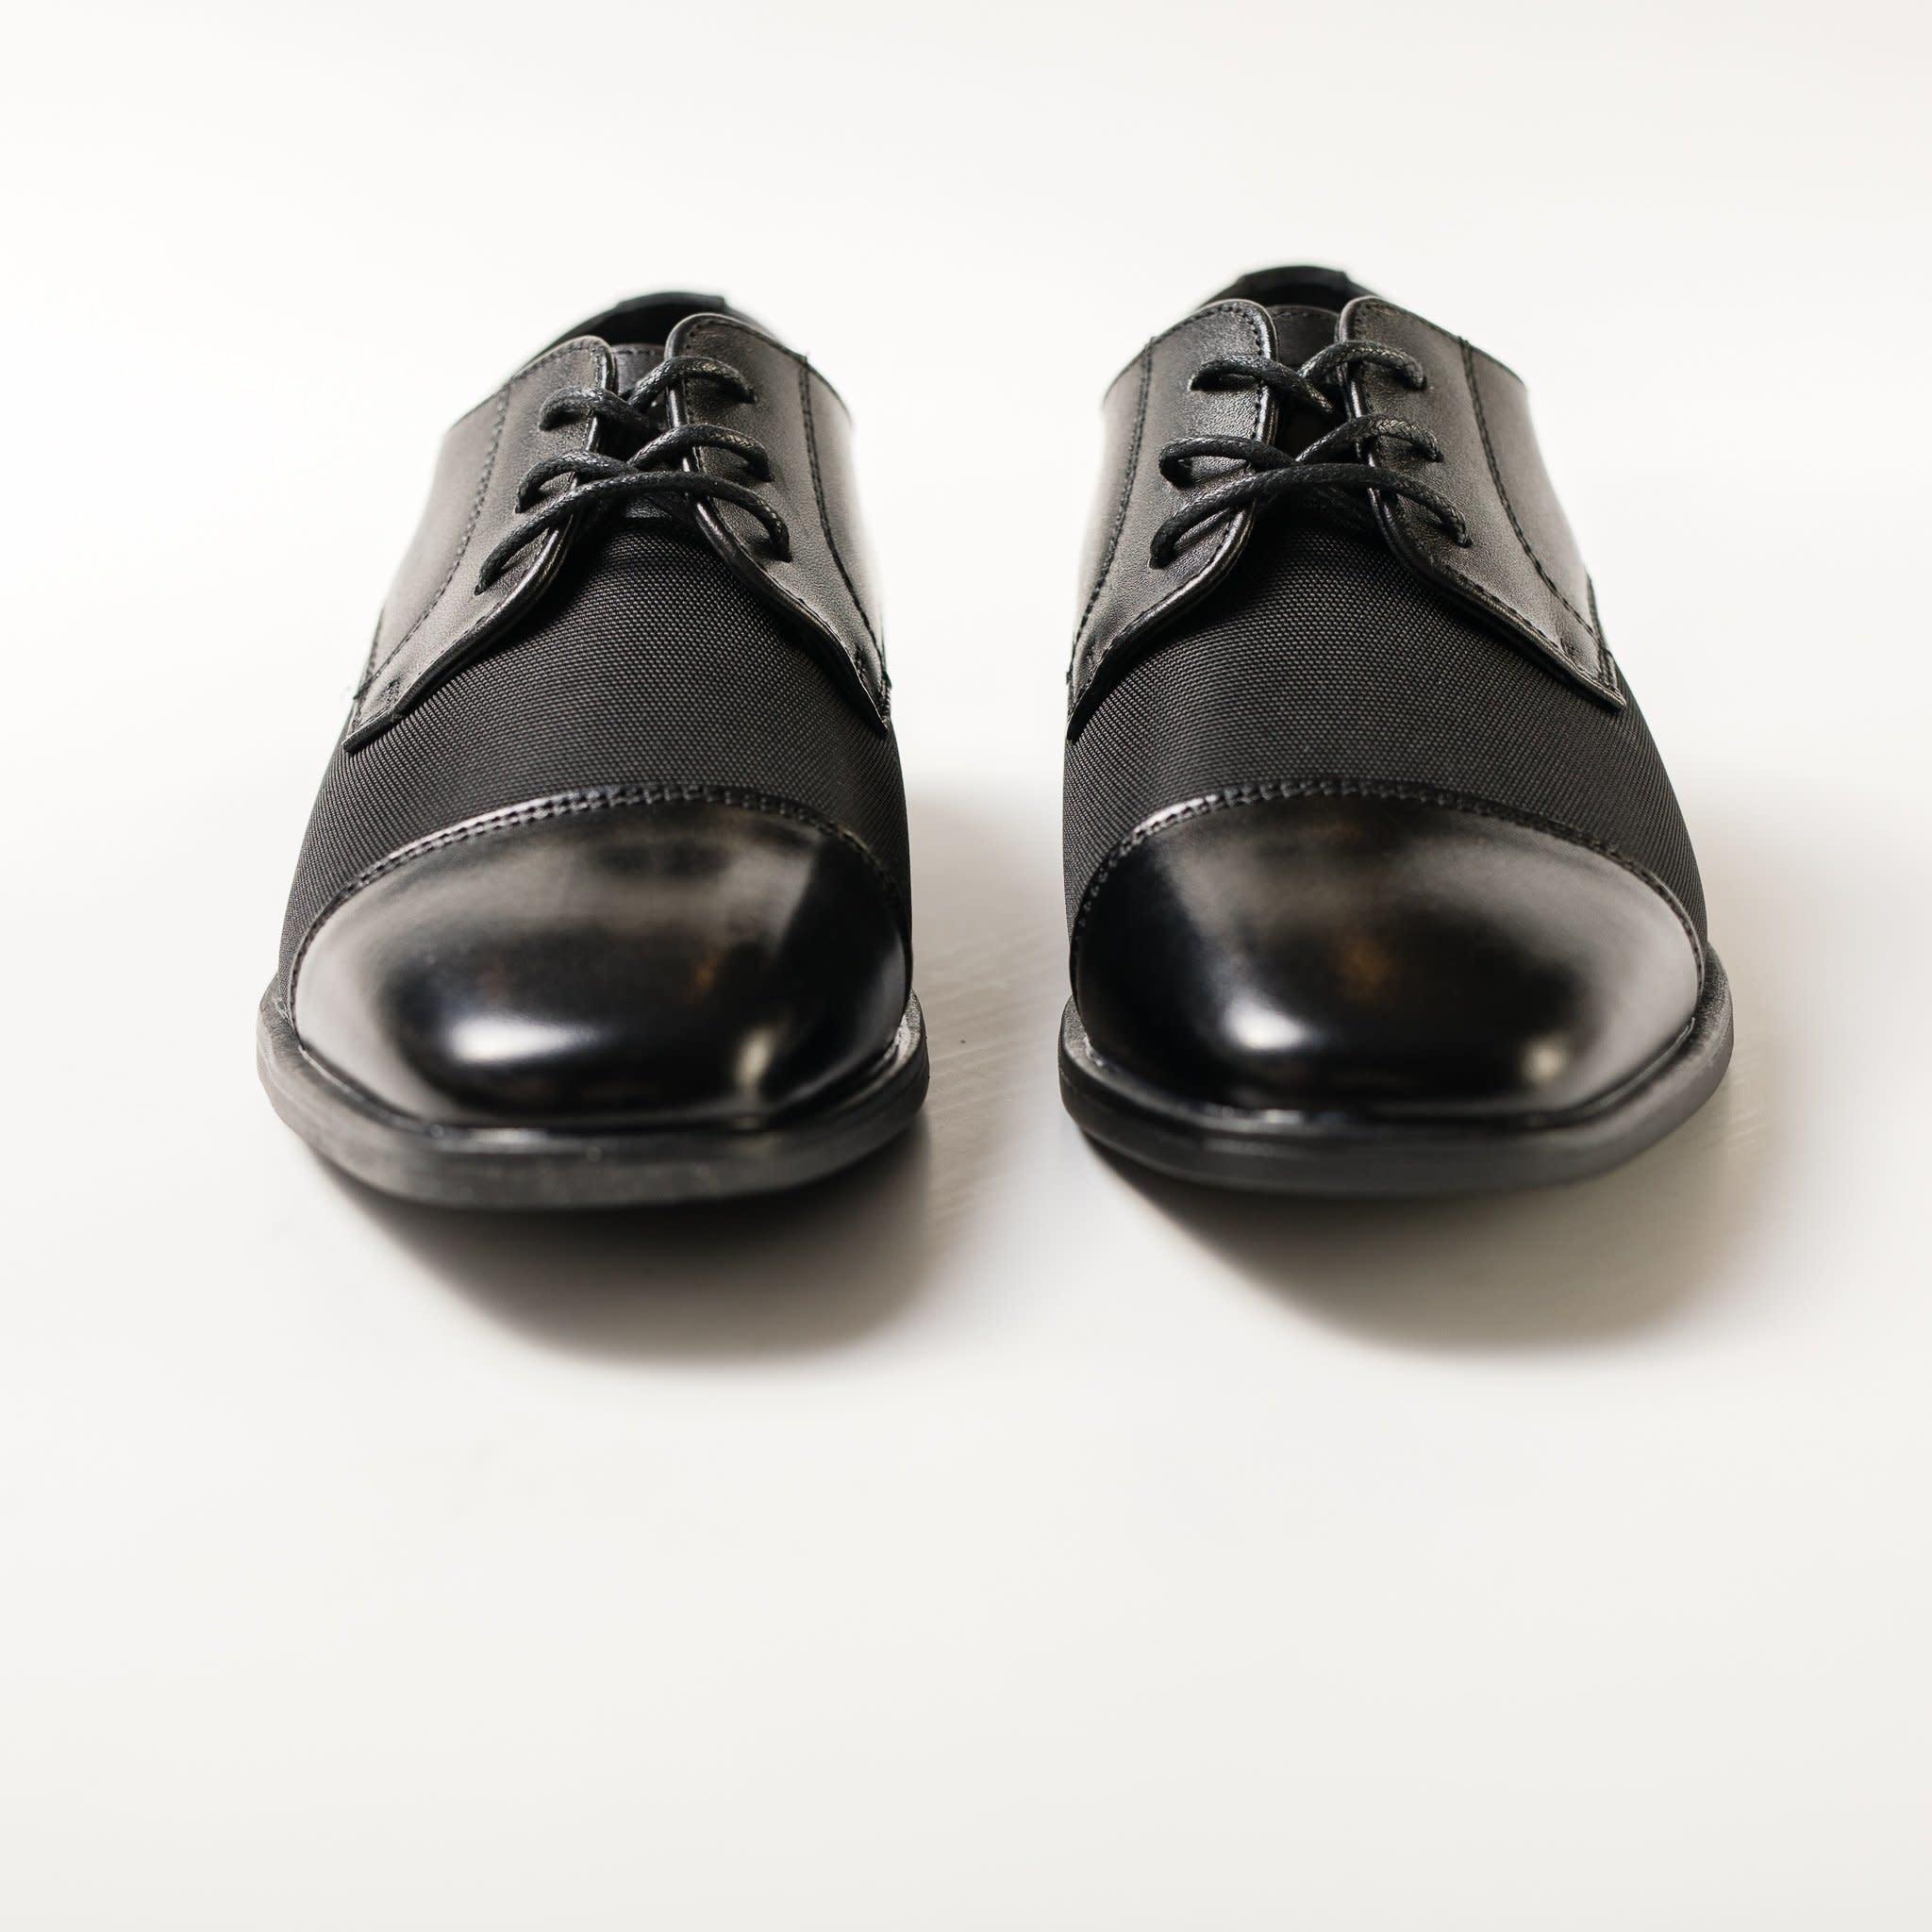 Black Lace Up Dress Shoe